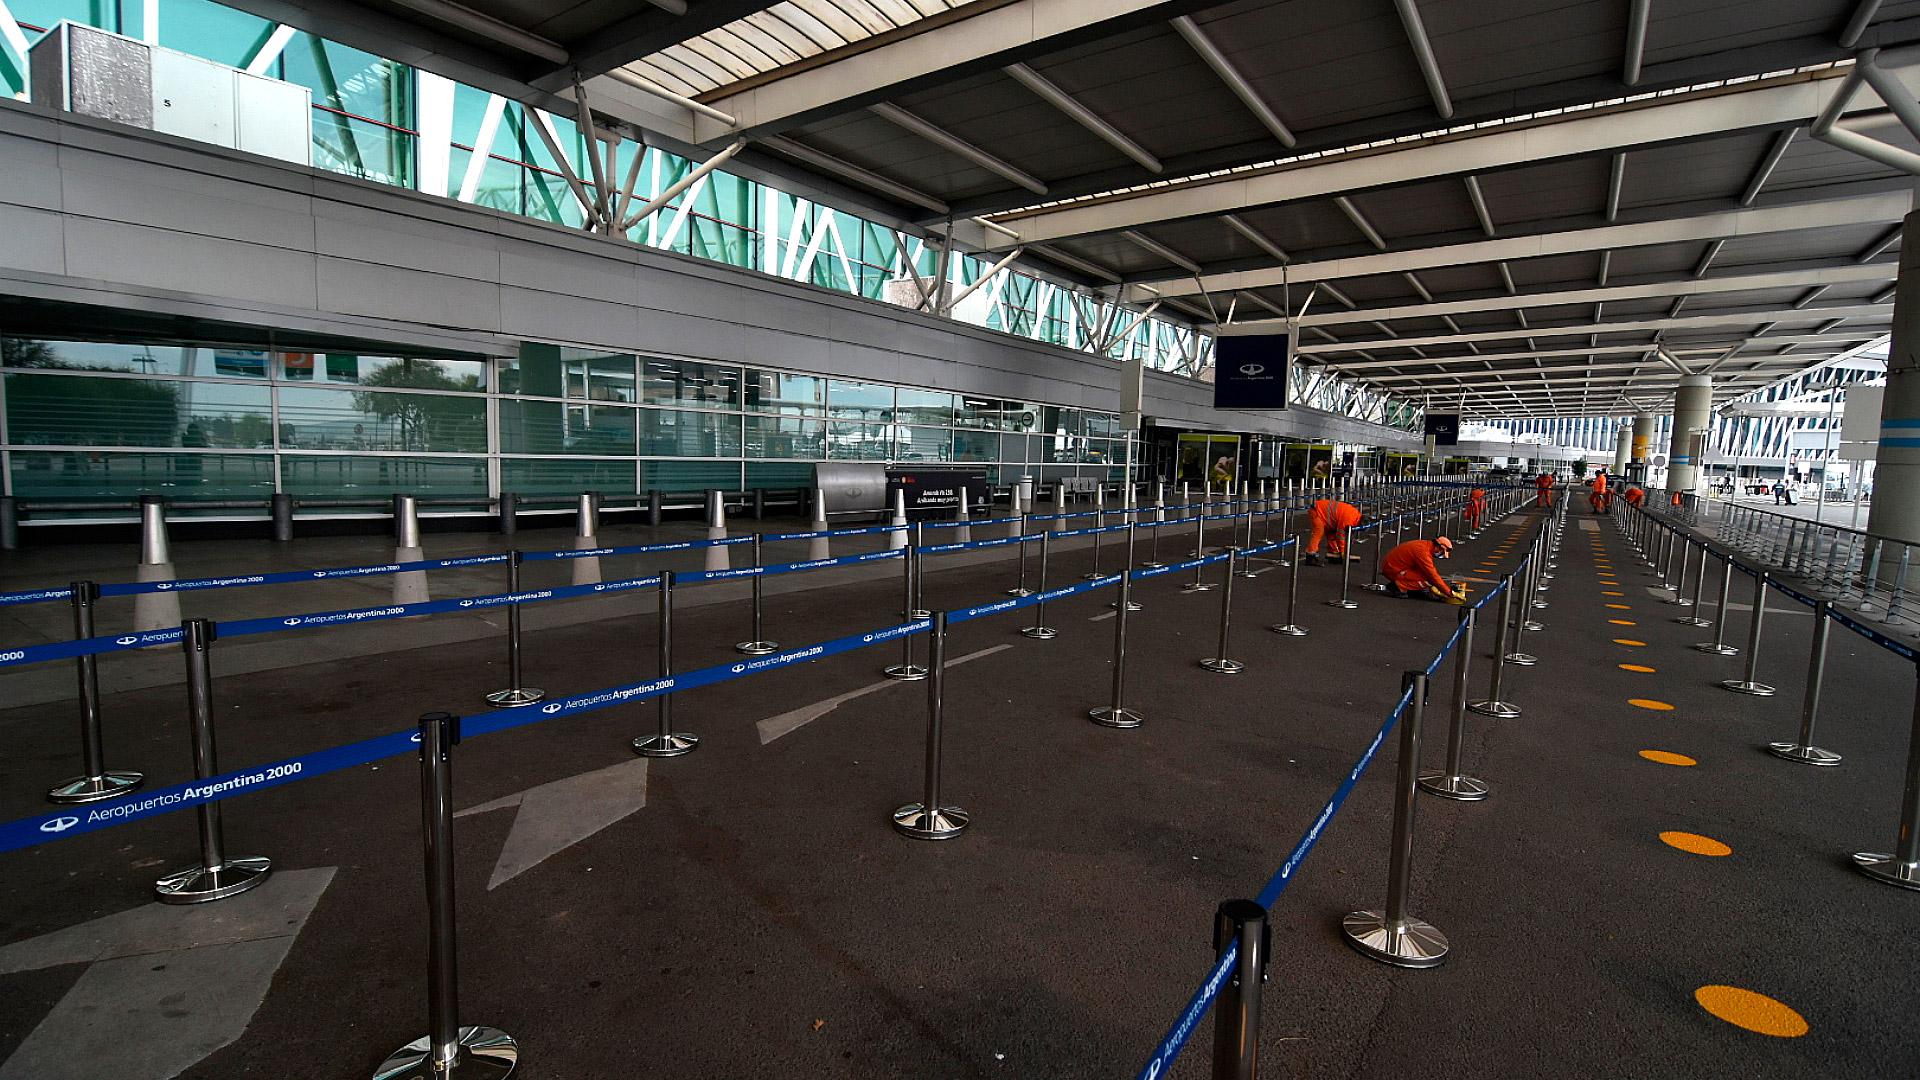 Los trabajos en la terminal de Ezeiza